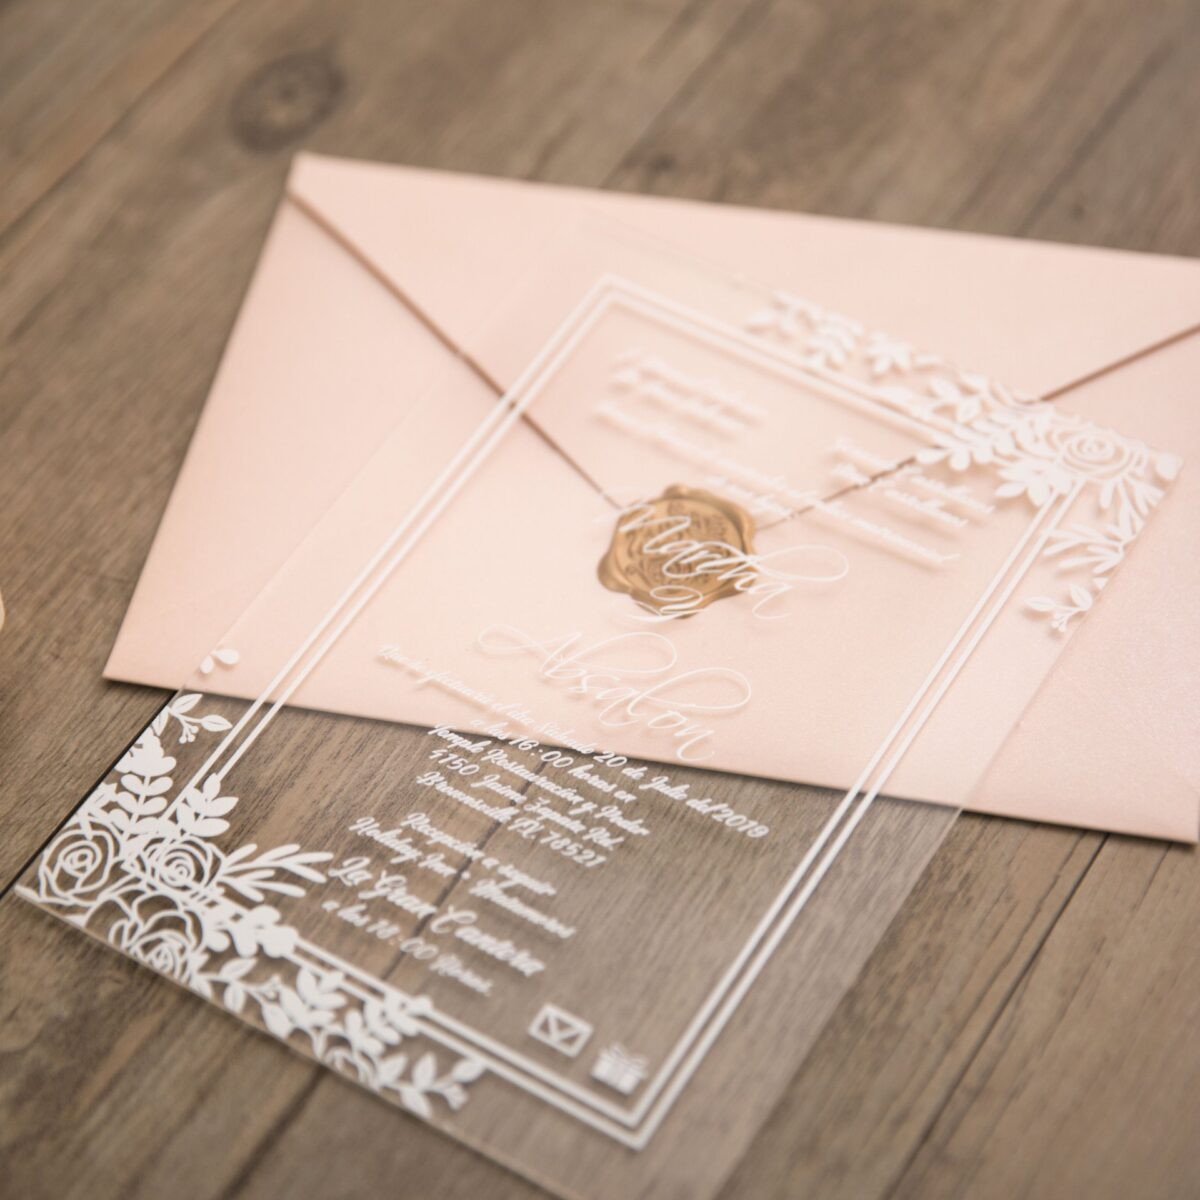 partecipazione di nozze in plexiglass trend matrimonio 2019